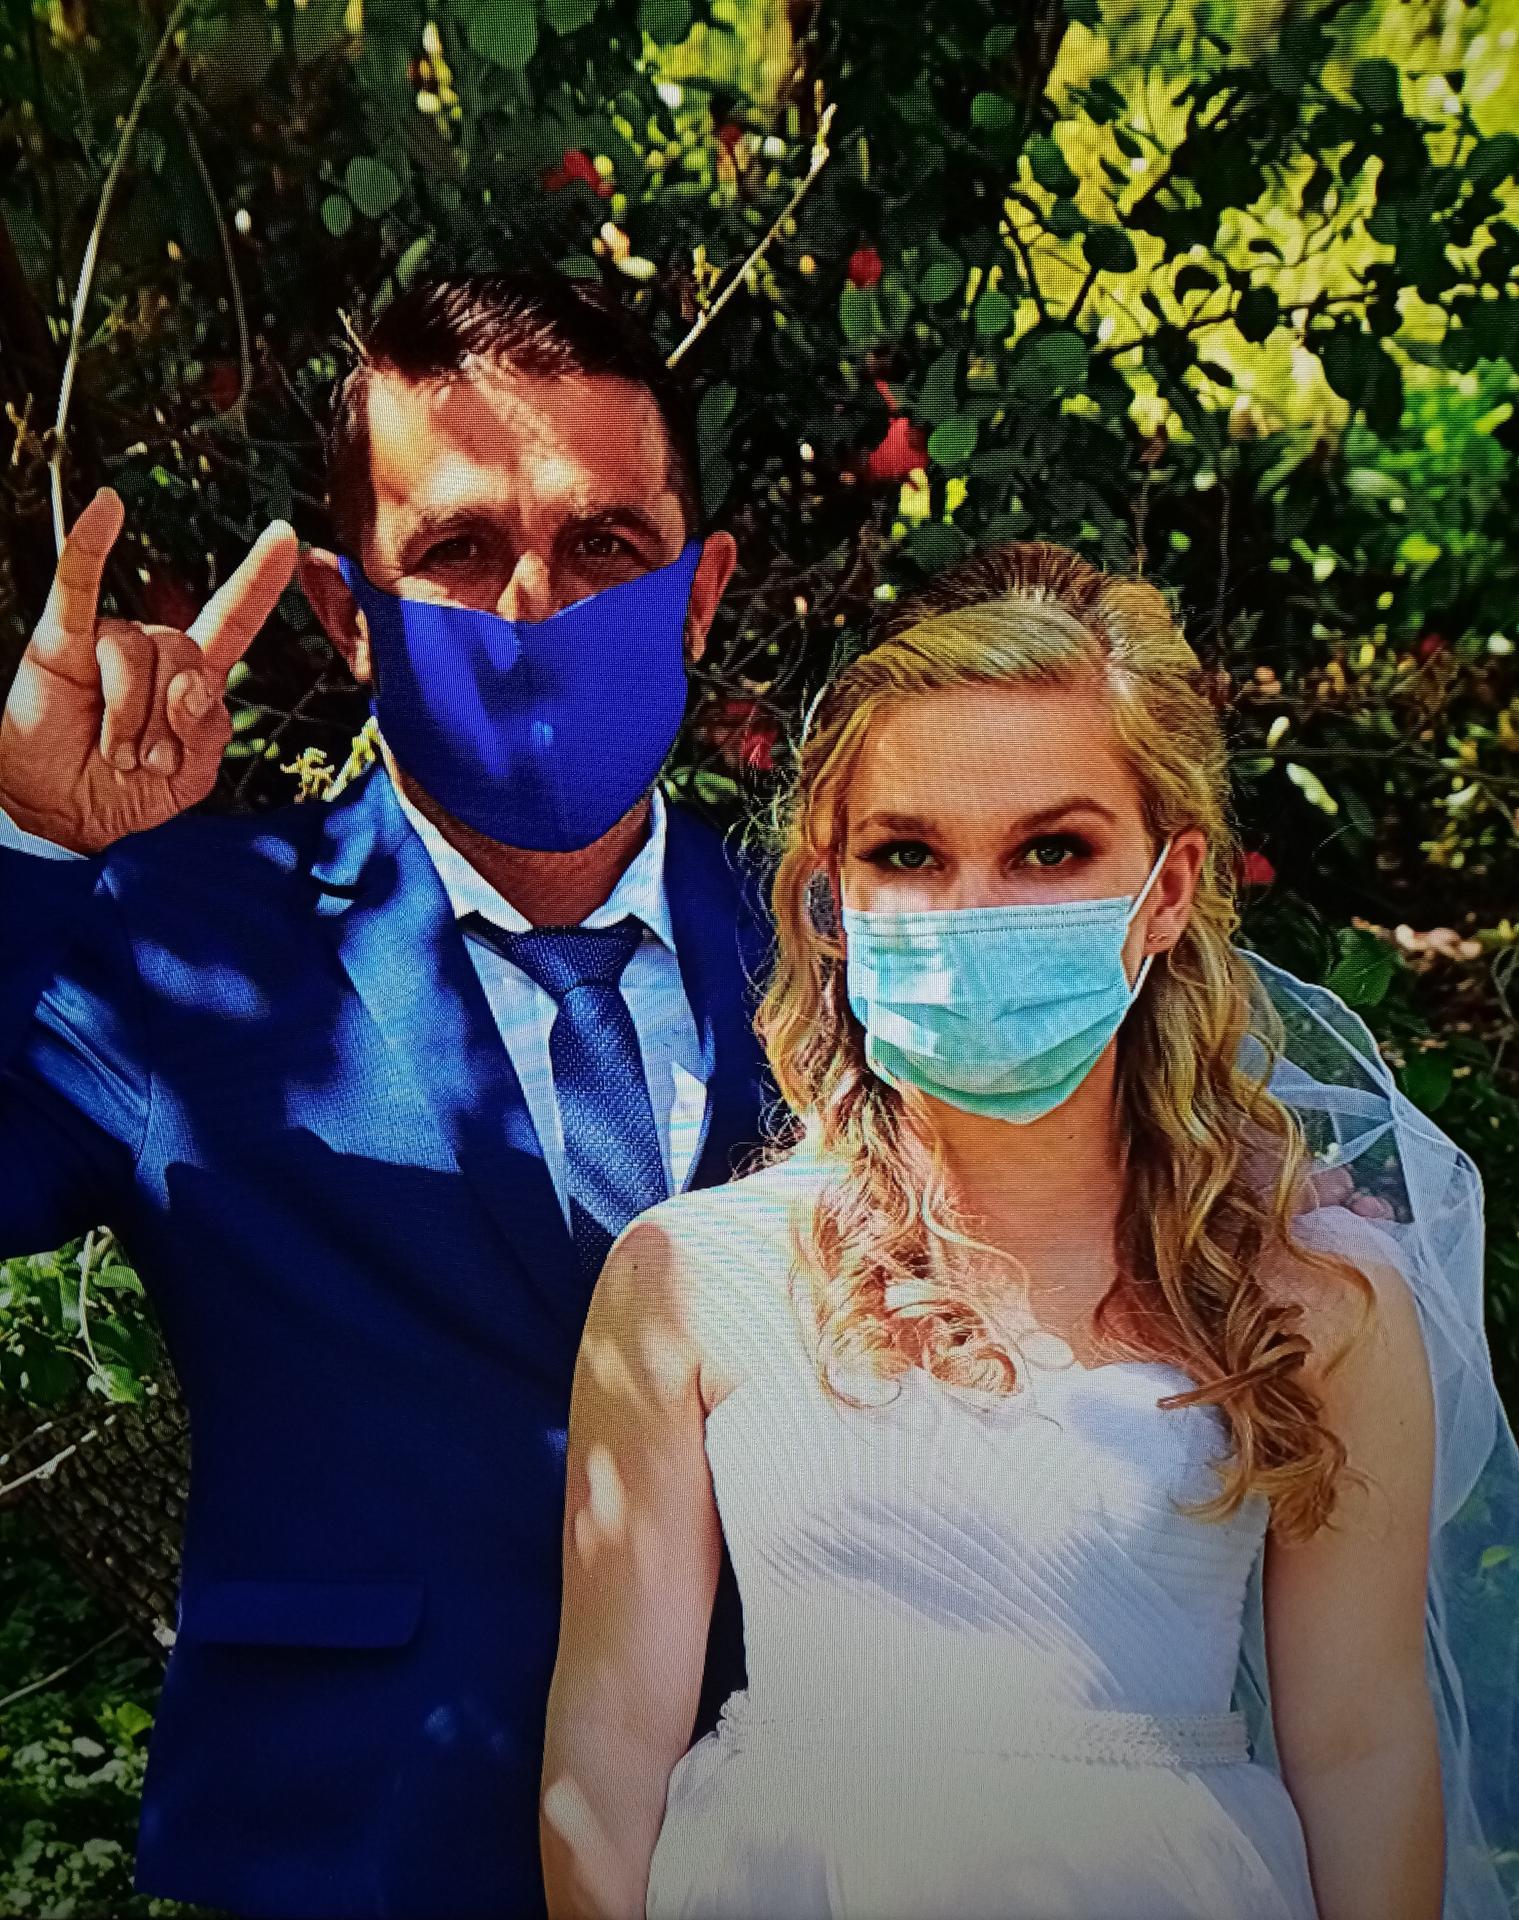 Je mi moc lito vsech svateb, kterych se nejak zle dotkl ten pitomy koronavirus.... I my jsme meli nervy cele dlouhe 3 mesice jak to s nami bude.... Svatbu jsme odkladali, premysleli jsme, zda nezrusit.... No nakonec jsme svatbu vratili na puvodni termin a tesne pred svatbou se zaclo vracet nastesti vse celkem k normalu a vyslo nam to tak jak jsme si prali...... Ale fotky jsme udelali nejake i rouskove.... 😀Preji vsem snoubencum, kterym se blizi jejich velky den D, aby to dopadlo vse tak jak si prejete.... 🥰 - Obrázek č. 1